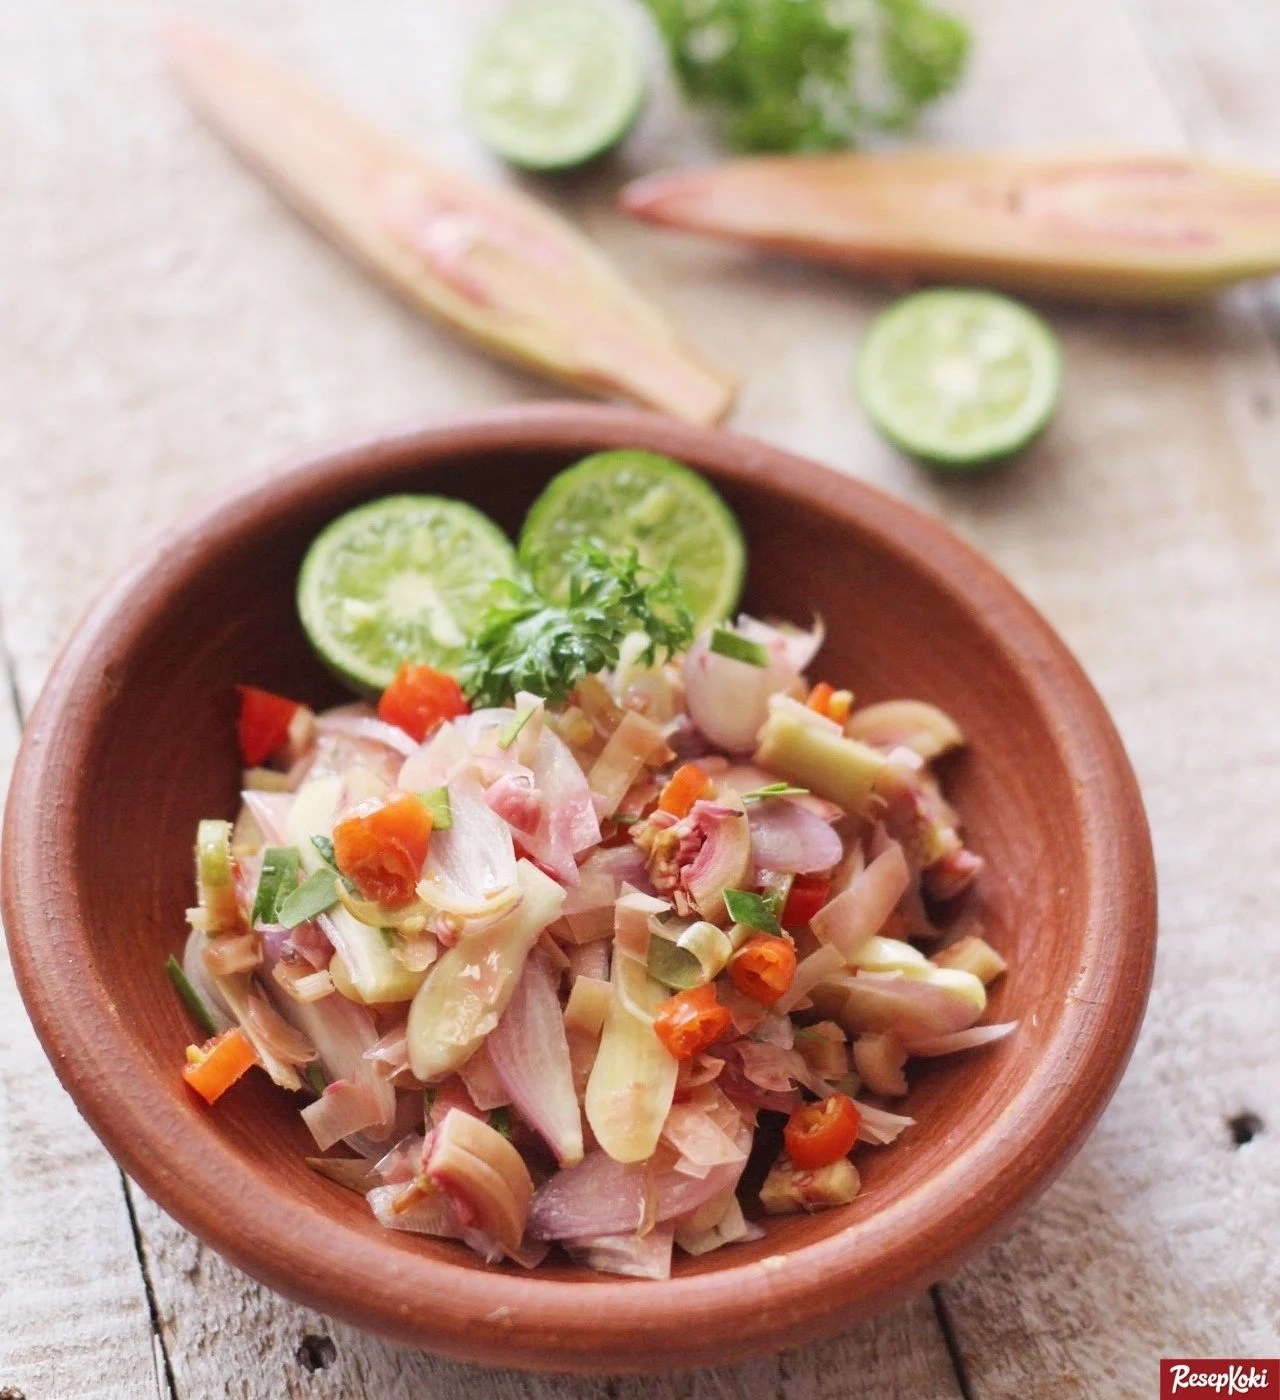 14 Jenis Sambal Khas Indonesia Untuk Menyempurnakan Makan Anda Anek Peralatan Aneka Nusantara